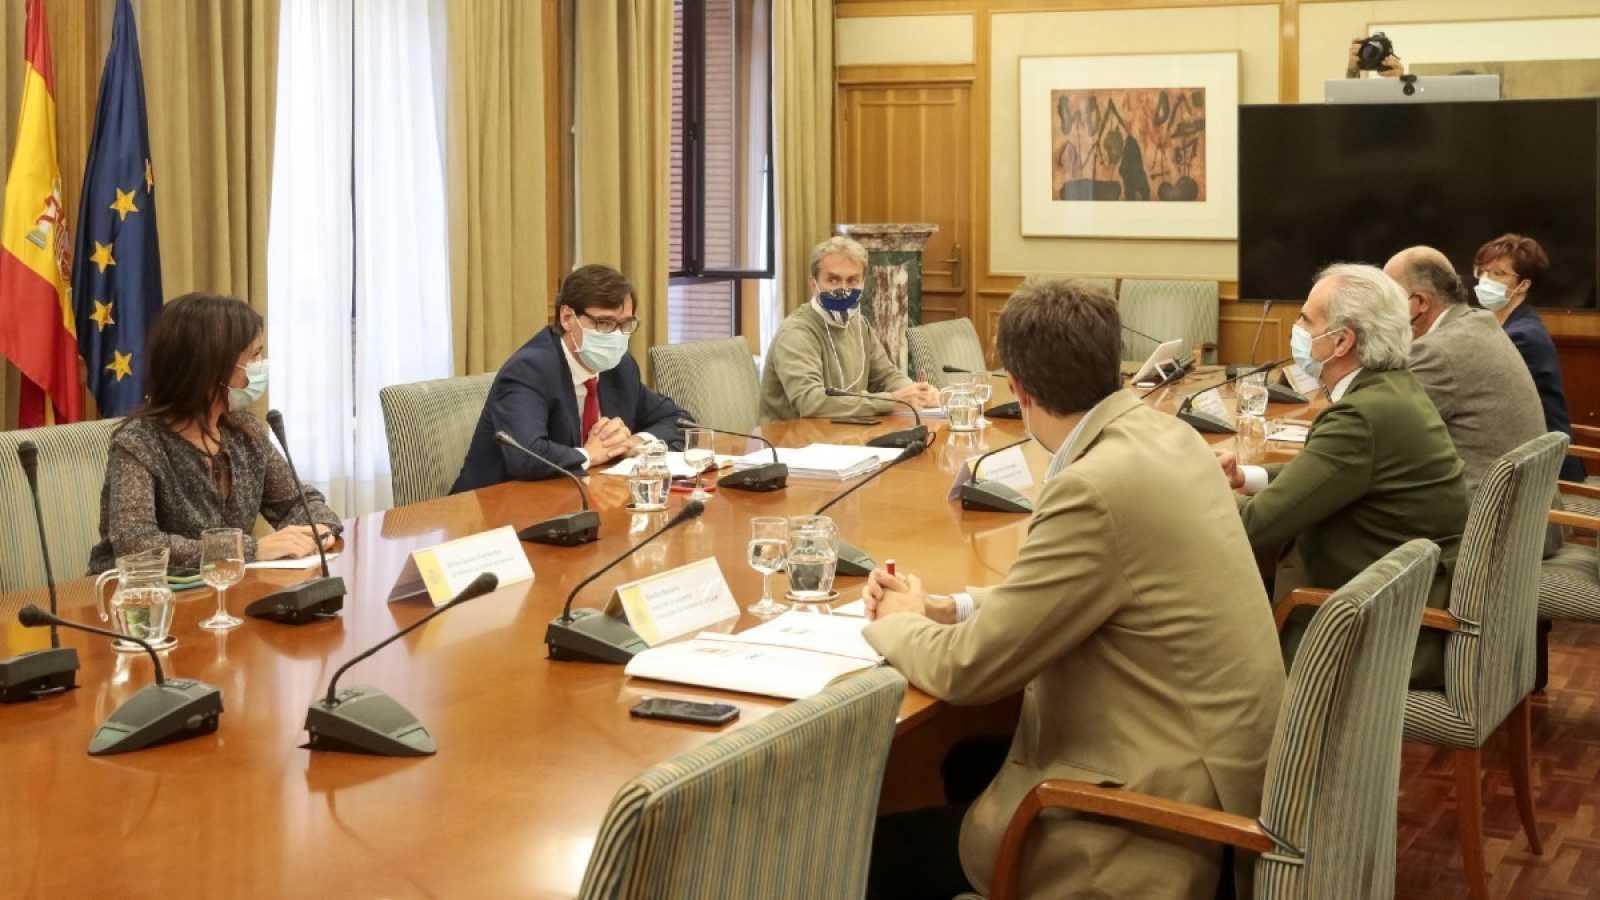 El Ministerio de Sanidad del Gobierno de España y la Consejería de Sanidad de la Comunidad de Madrid se han reunido este lunes para tratar las medidas frente a la pandemia